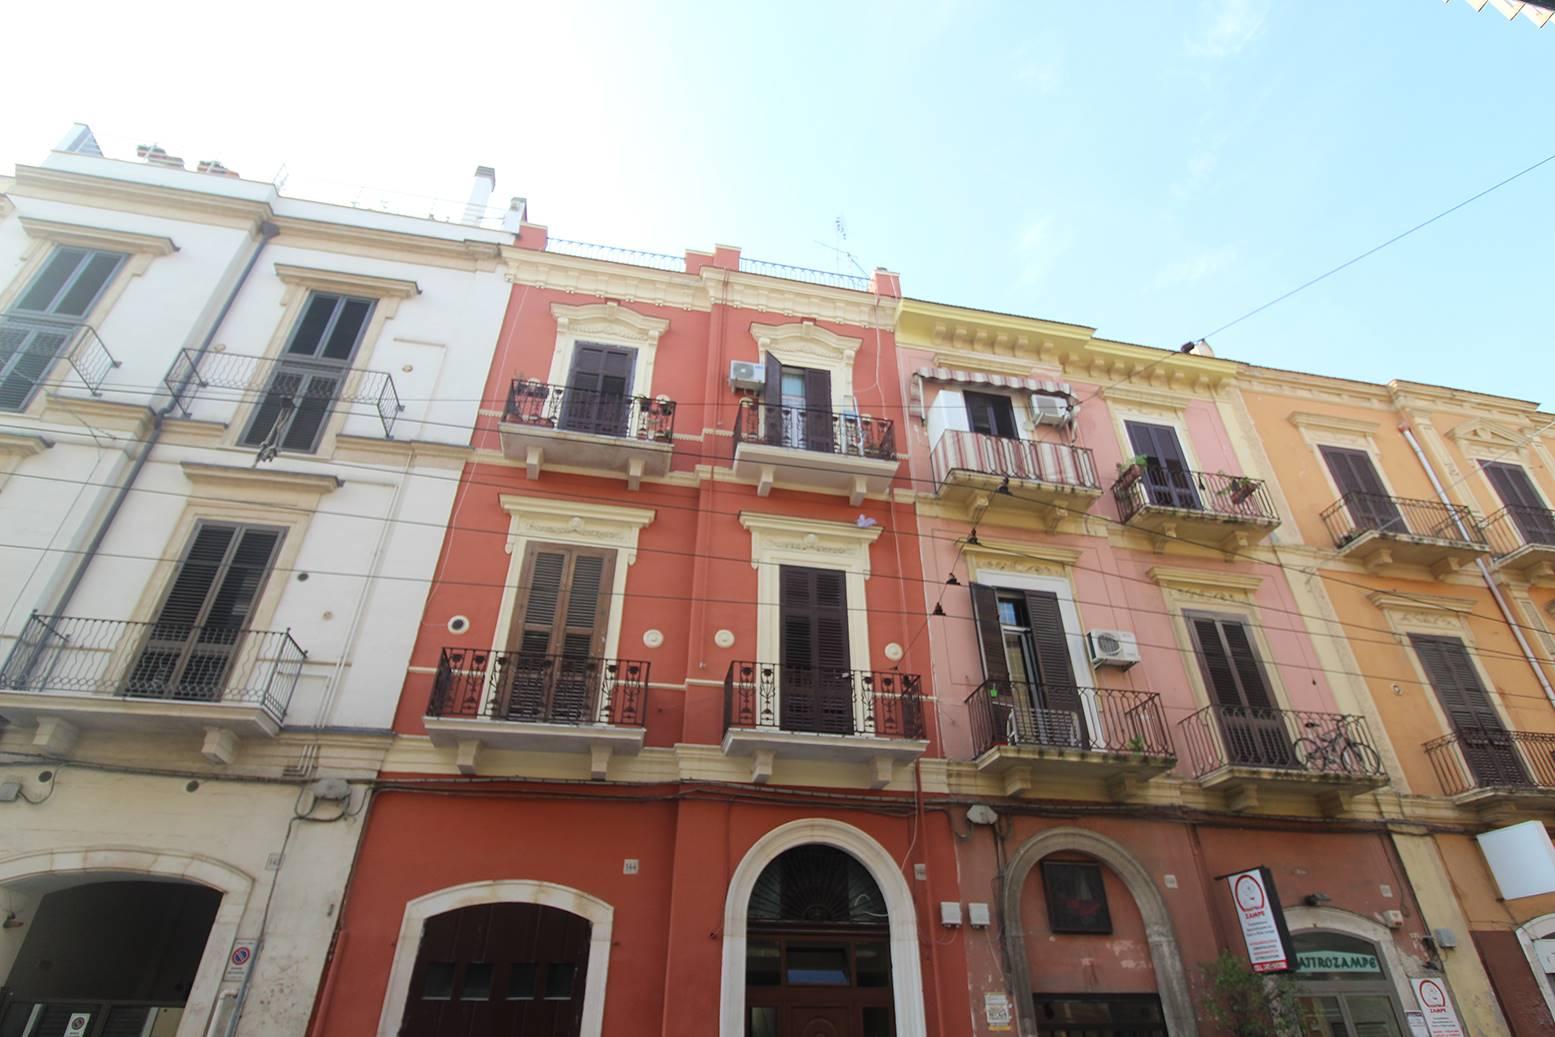 Bari - Libertà - Via Napoli - Appartamento di Mq 110 Ristrutturato - Proponiamo in vendita immobile di Mq 110 al piano terra con doppio ingresso completamente ristrutturato e arredato. Dalla strada,